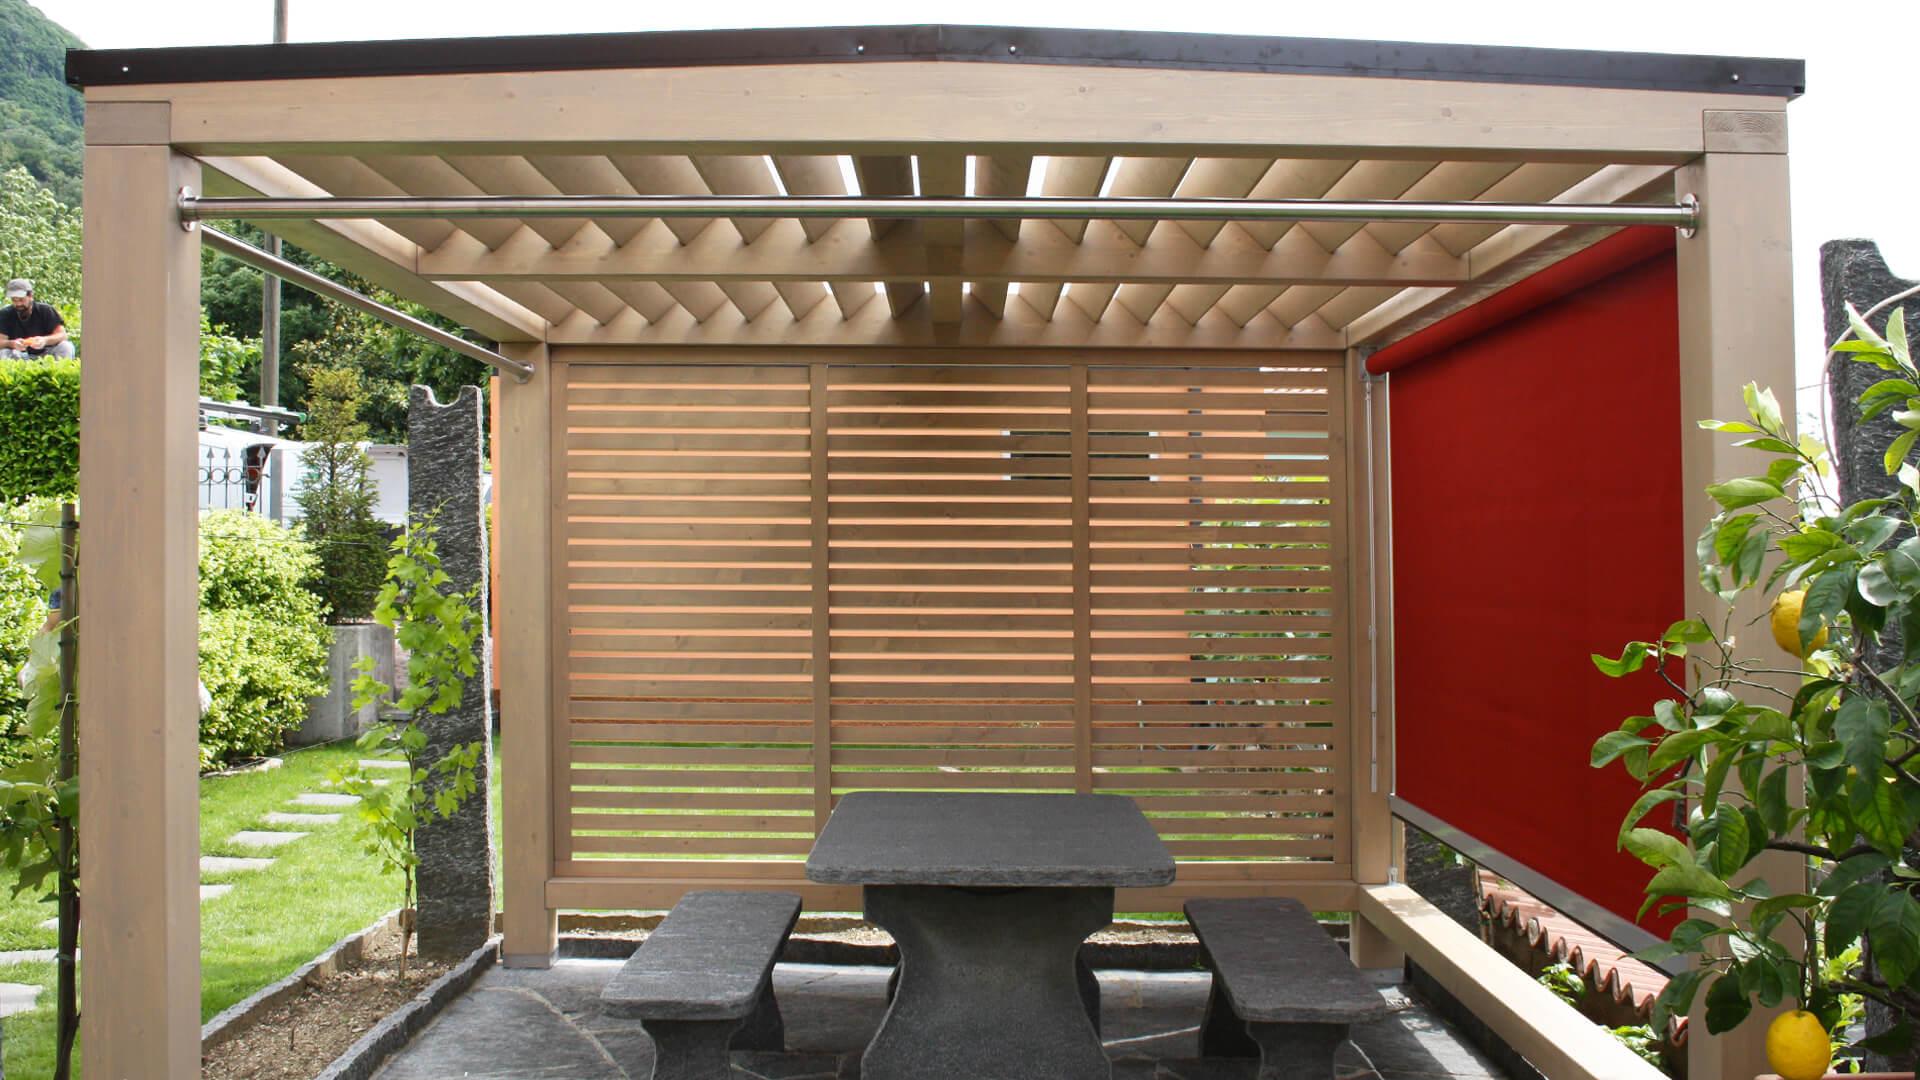 Realizzazione case passive e strutture in legno ab legno for Progetto gazebo in legno pdf